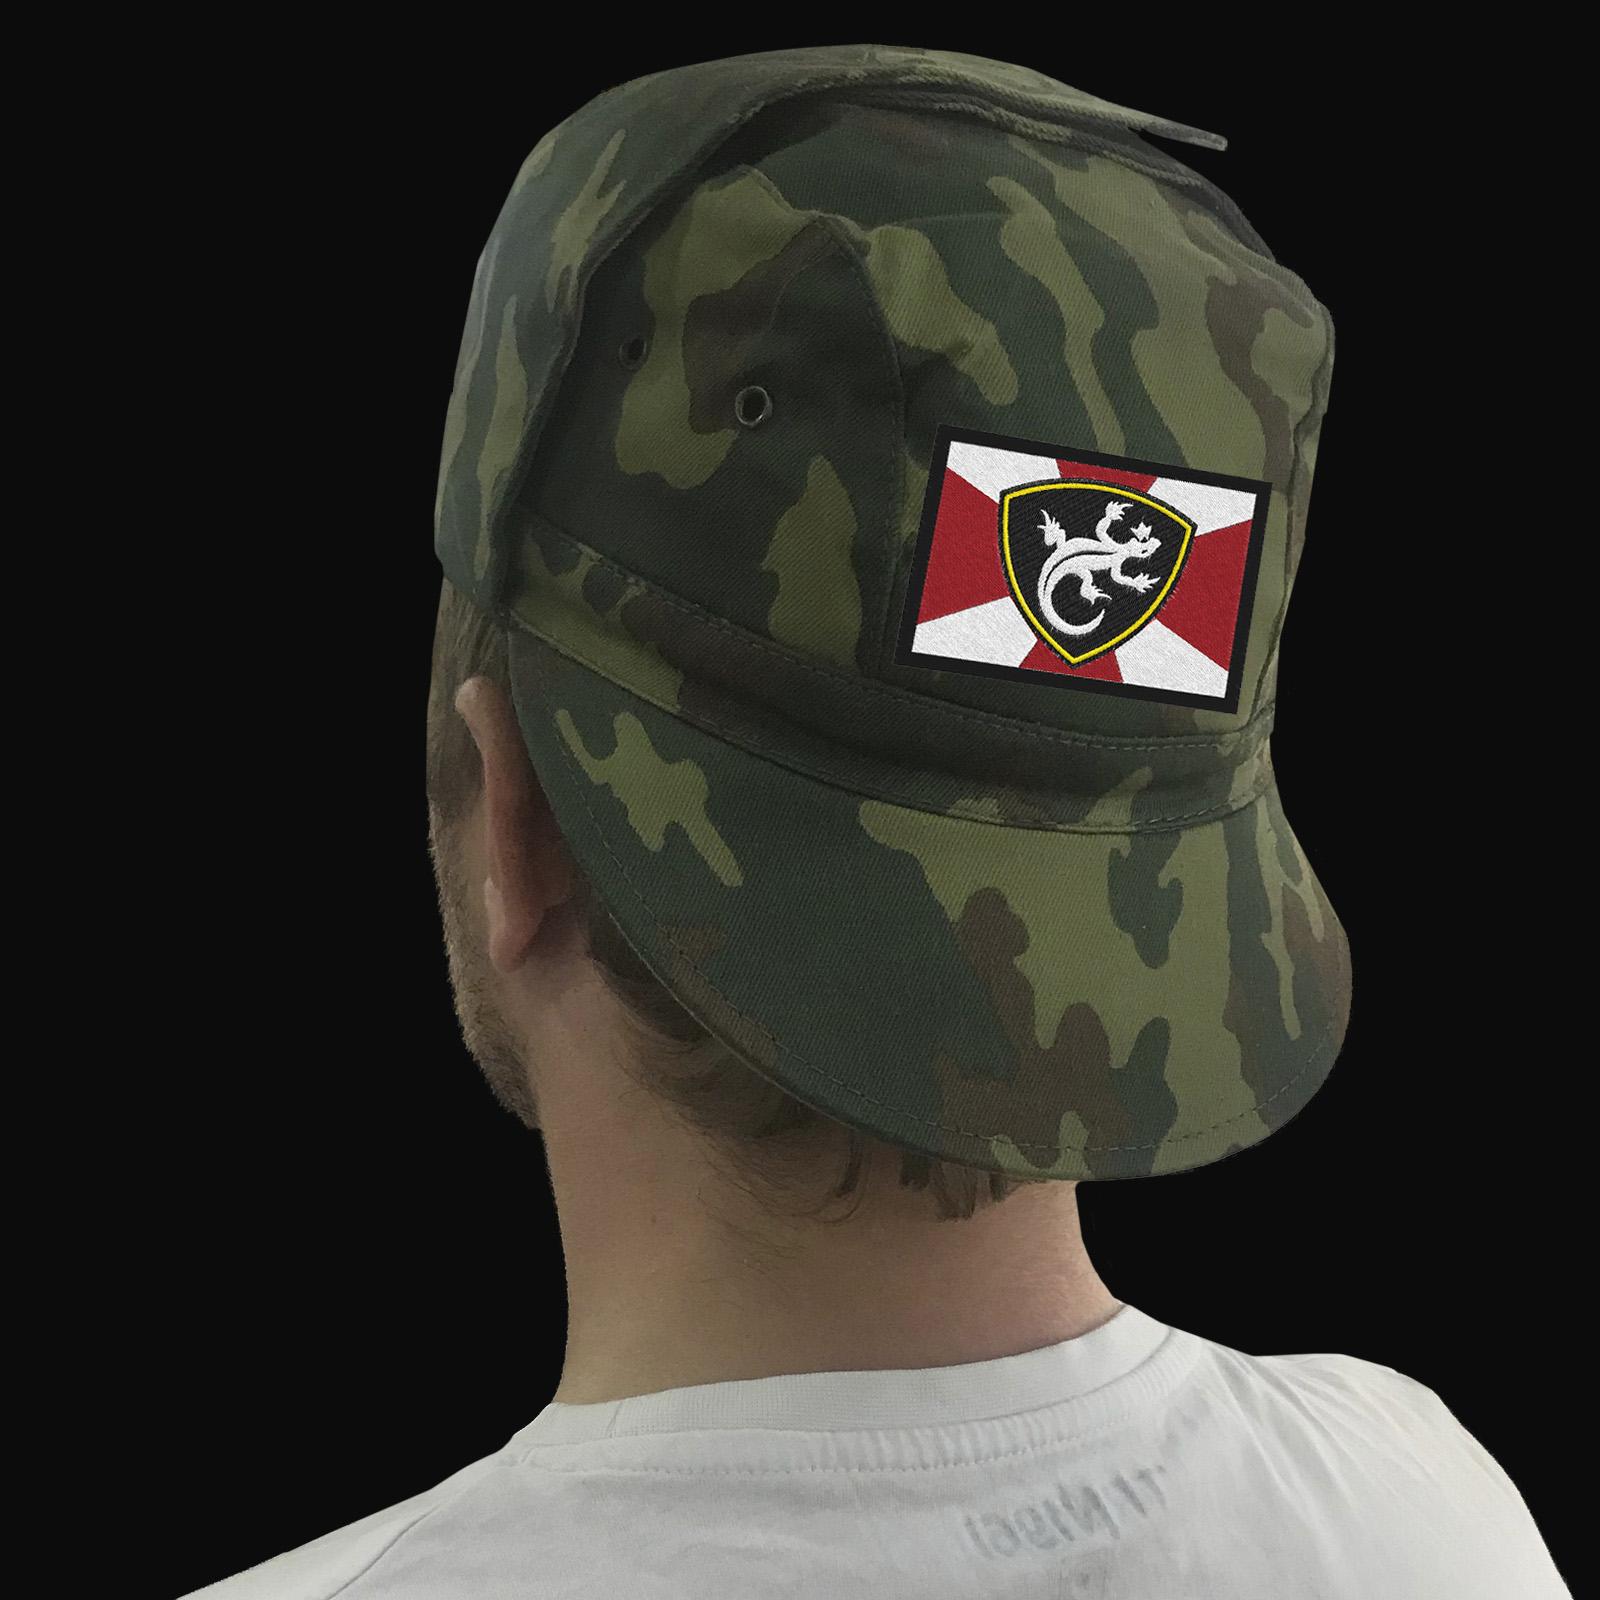 Продажа кепок камуфляж с вышитой символикой МВД